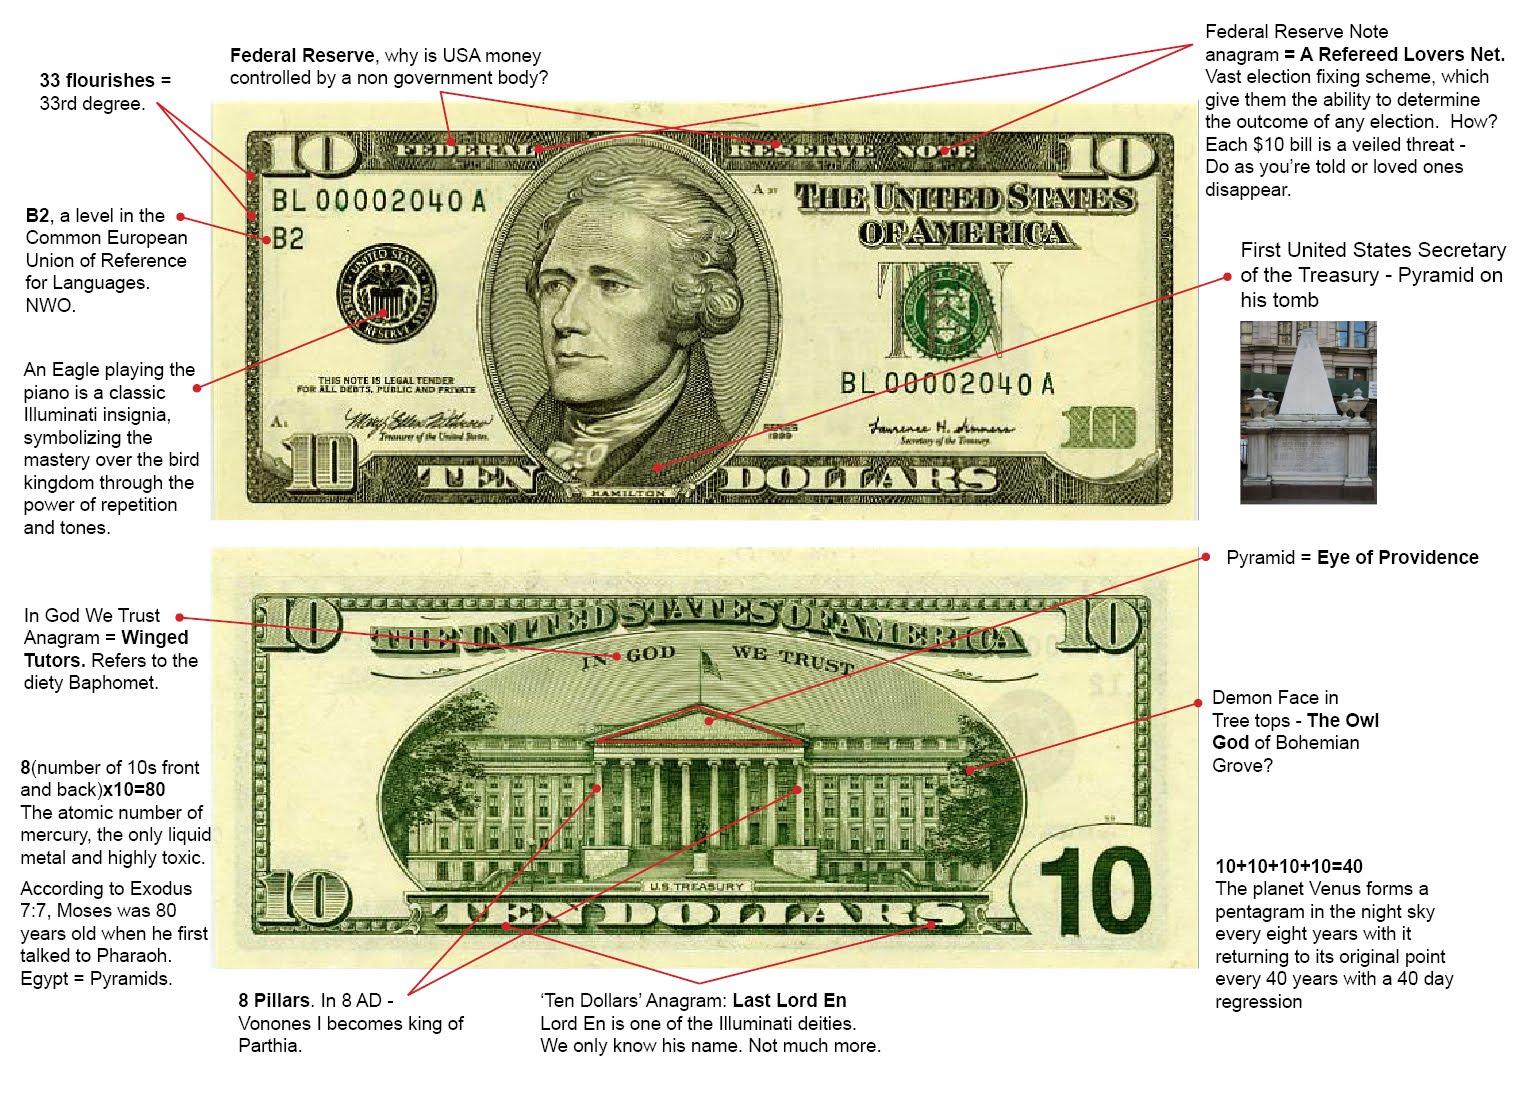 10 Dollar Bill Illuminati